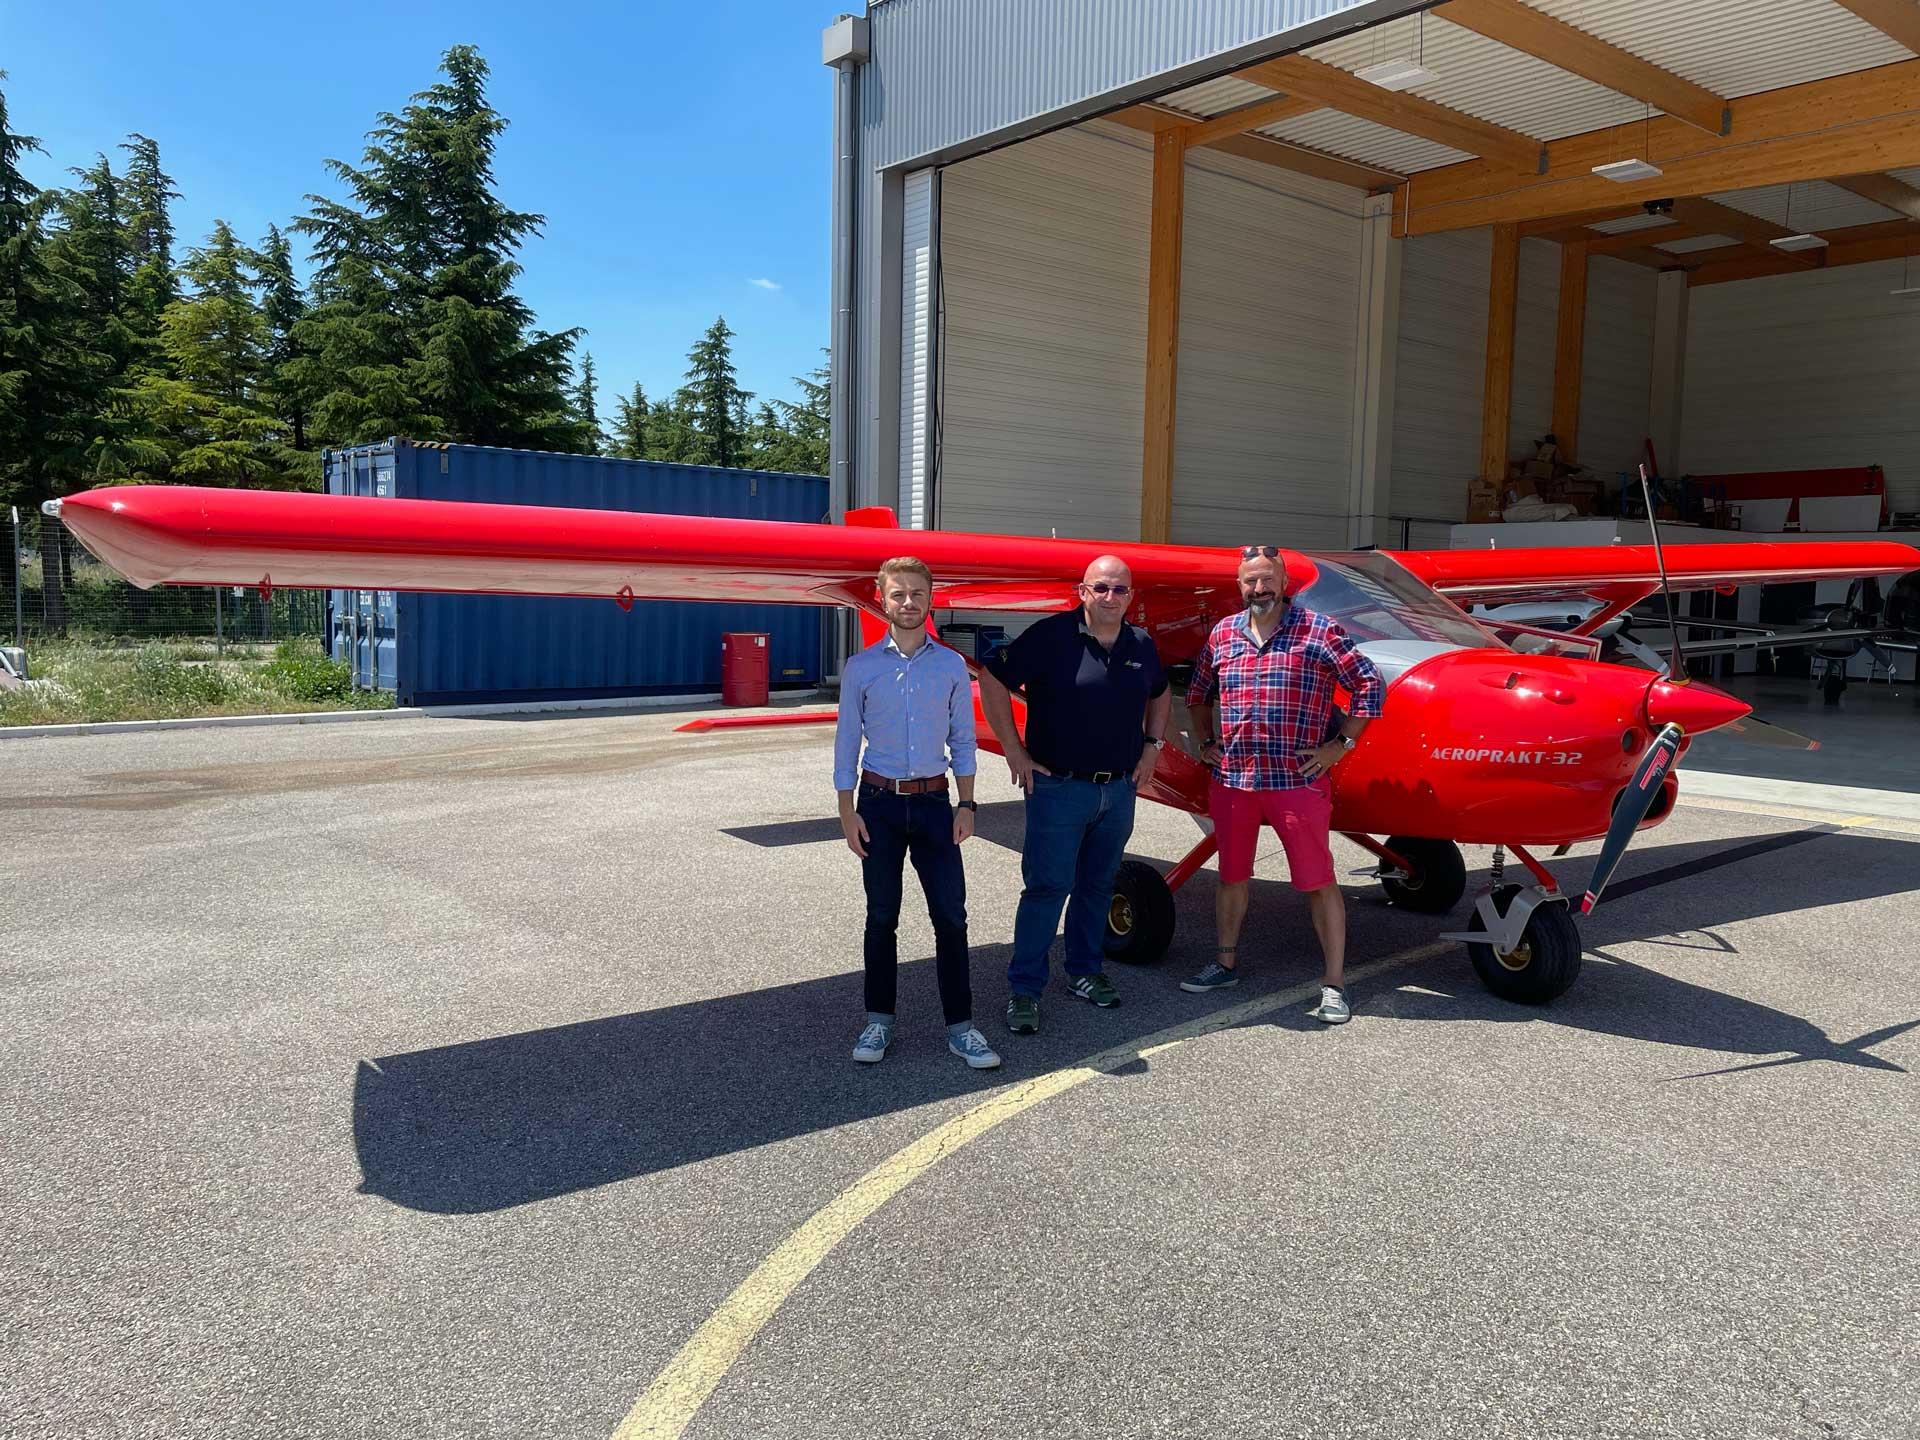 Un nouvel AEROPRAKT A32 livré par l'équipe ATA !